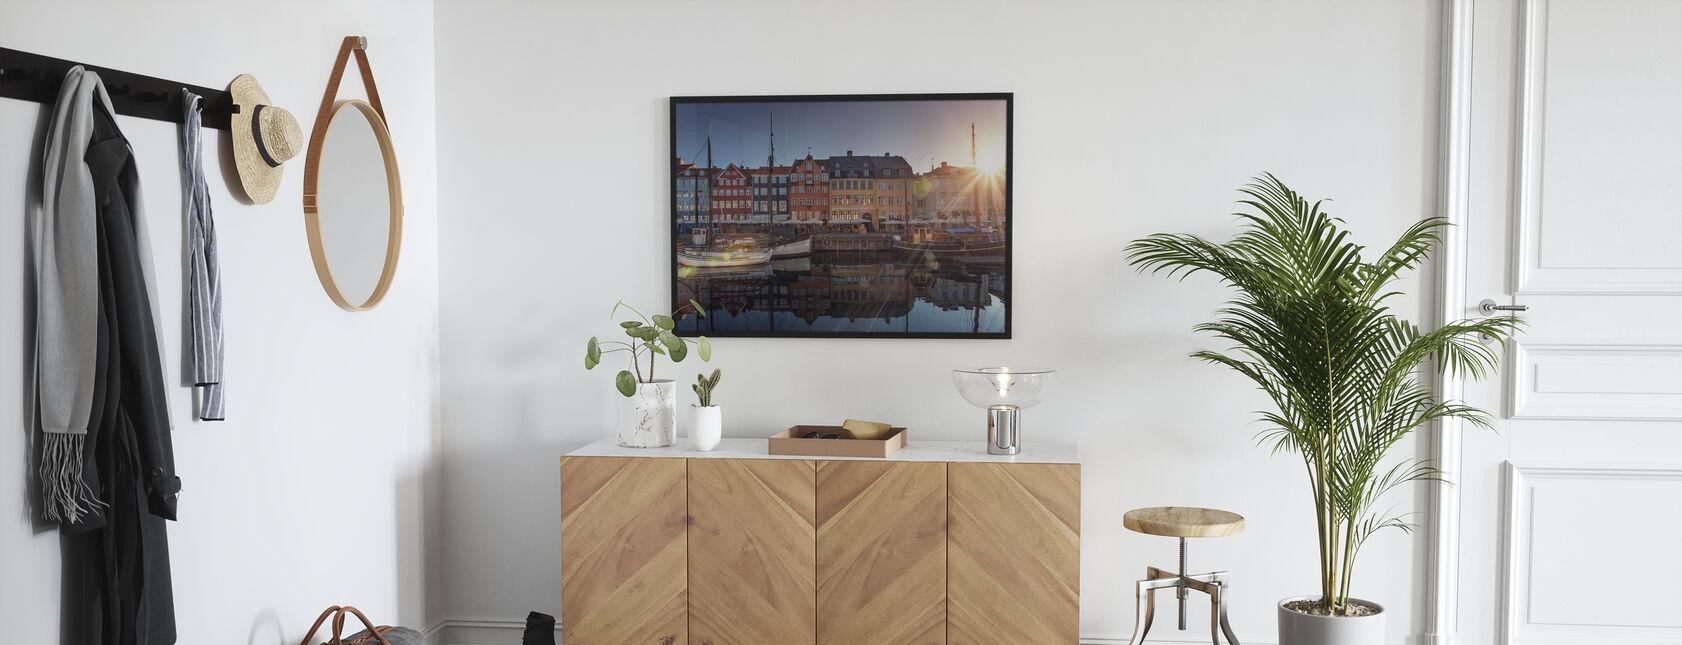 Solnedgang i Nyhavn, København, Danmark - Plakat - Entré